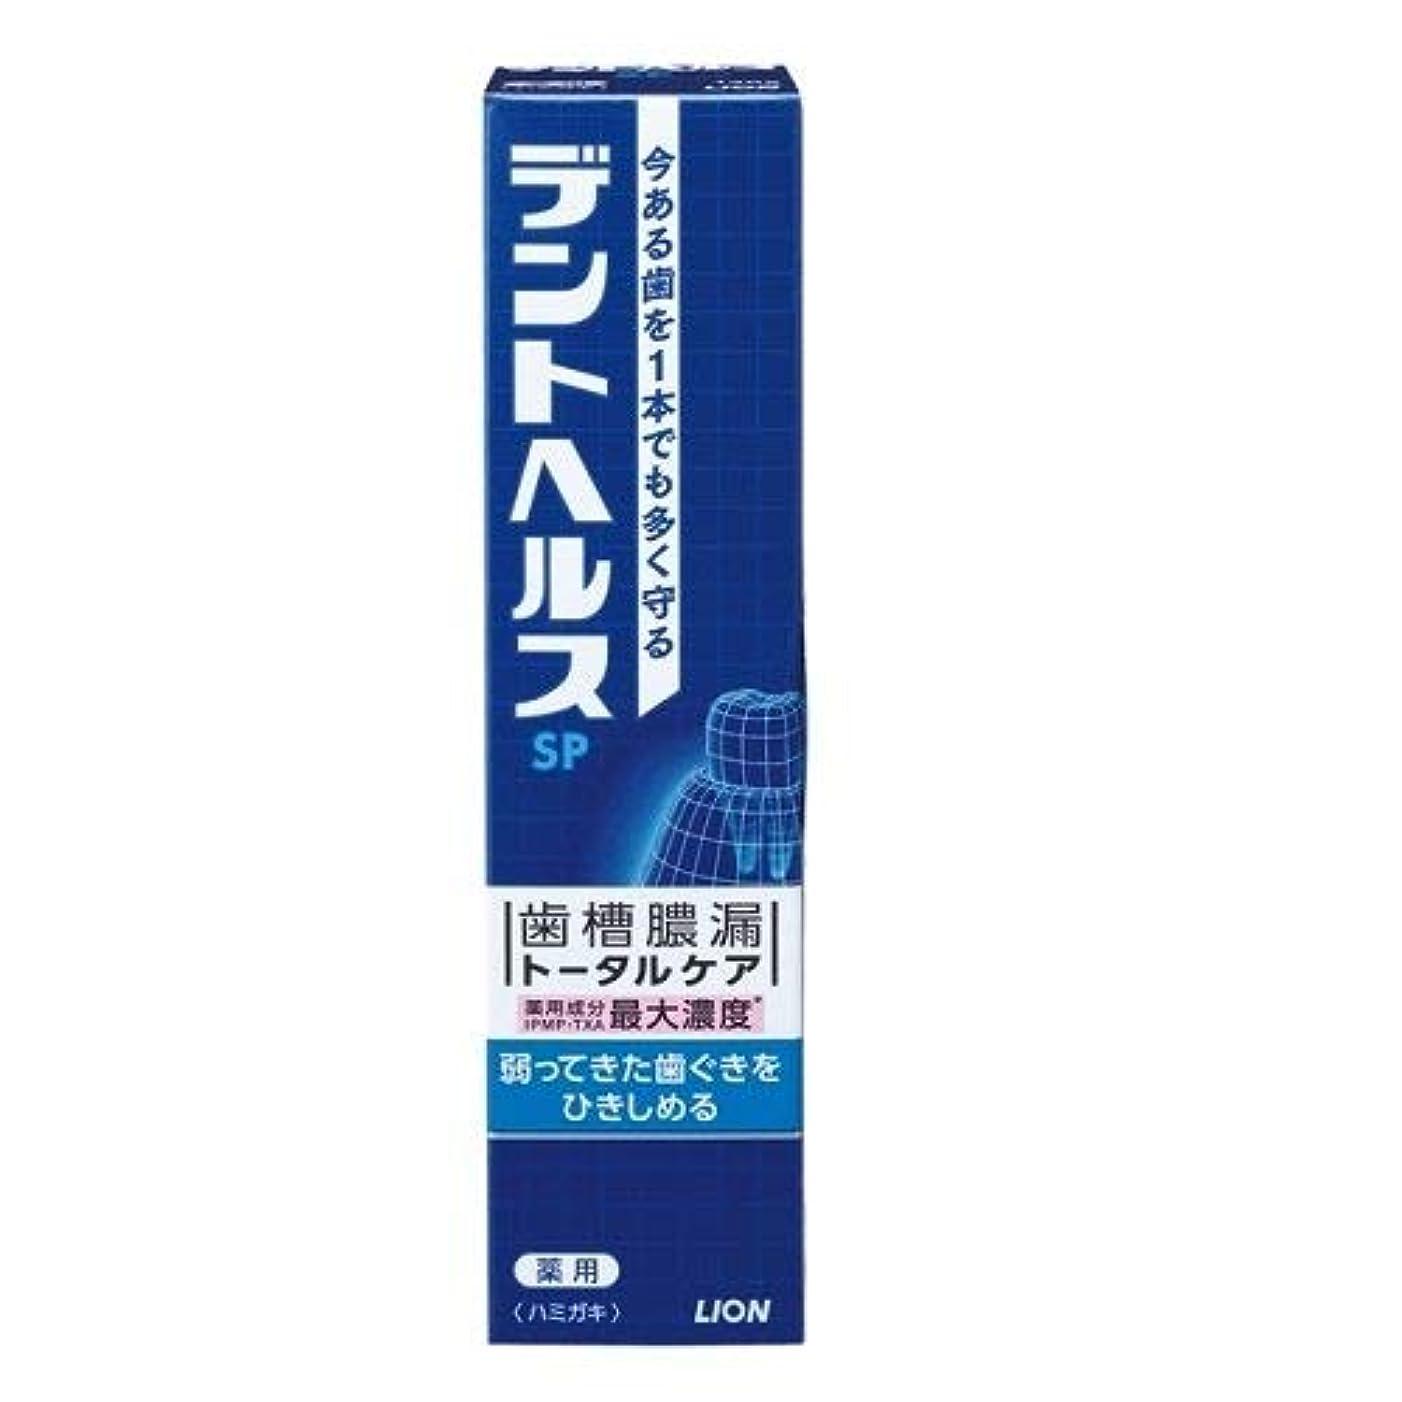 バウンド溶接こしょうライオン デントヘルス 薬用ハミガキ SP 120g (医薬部外品)× 4